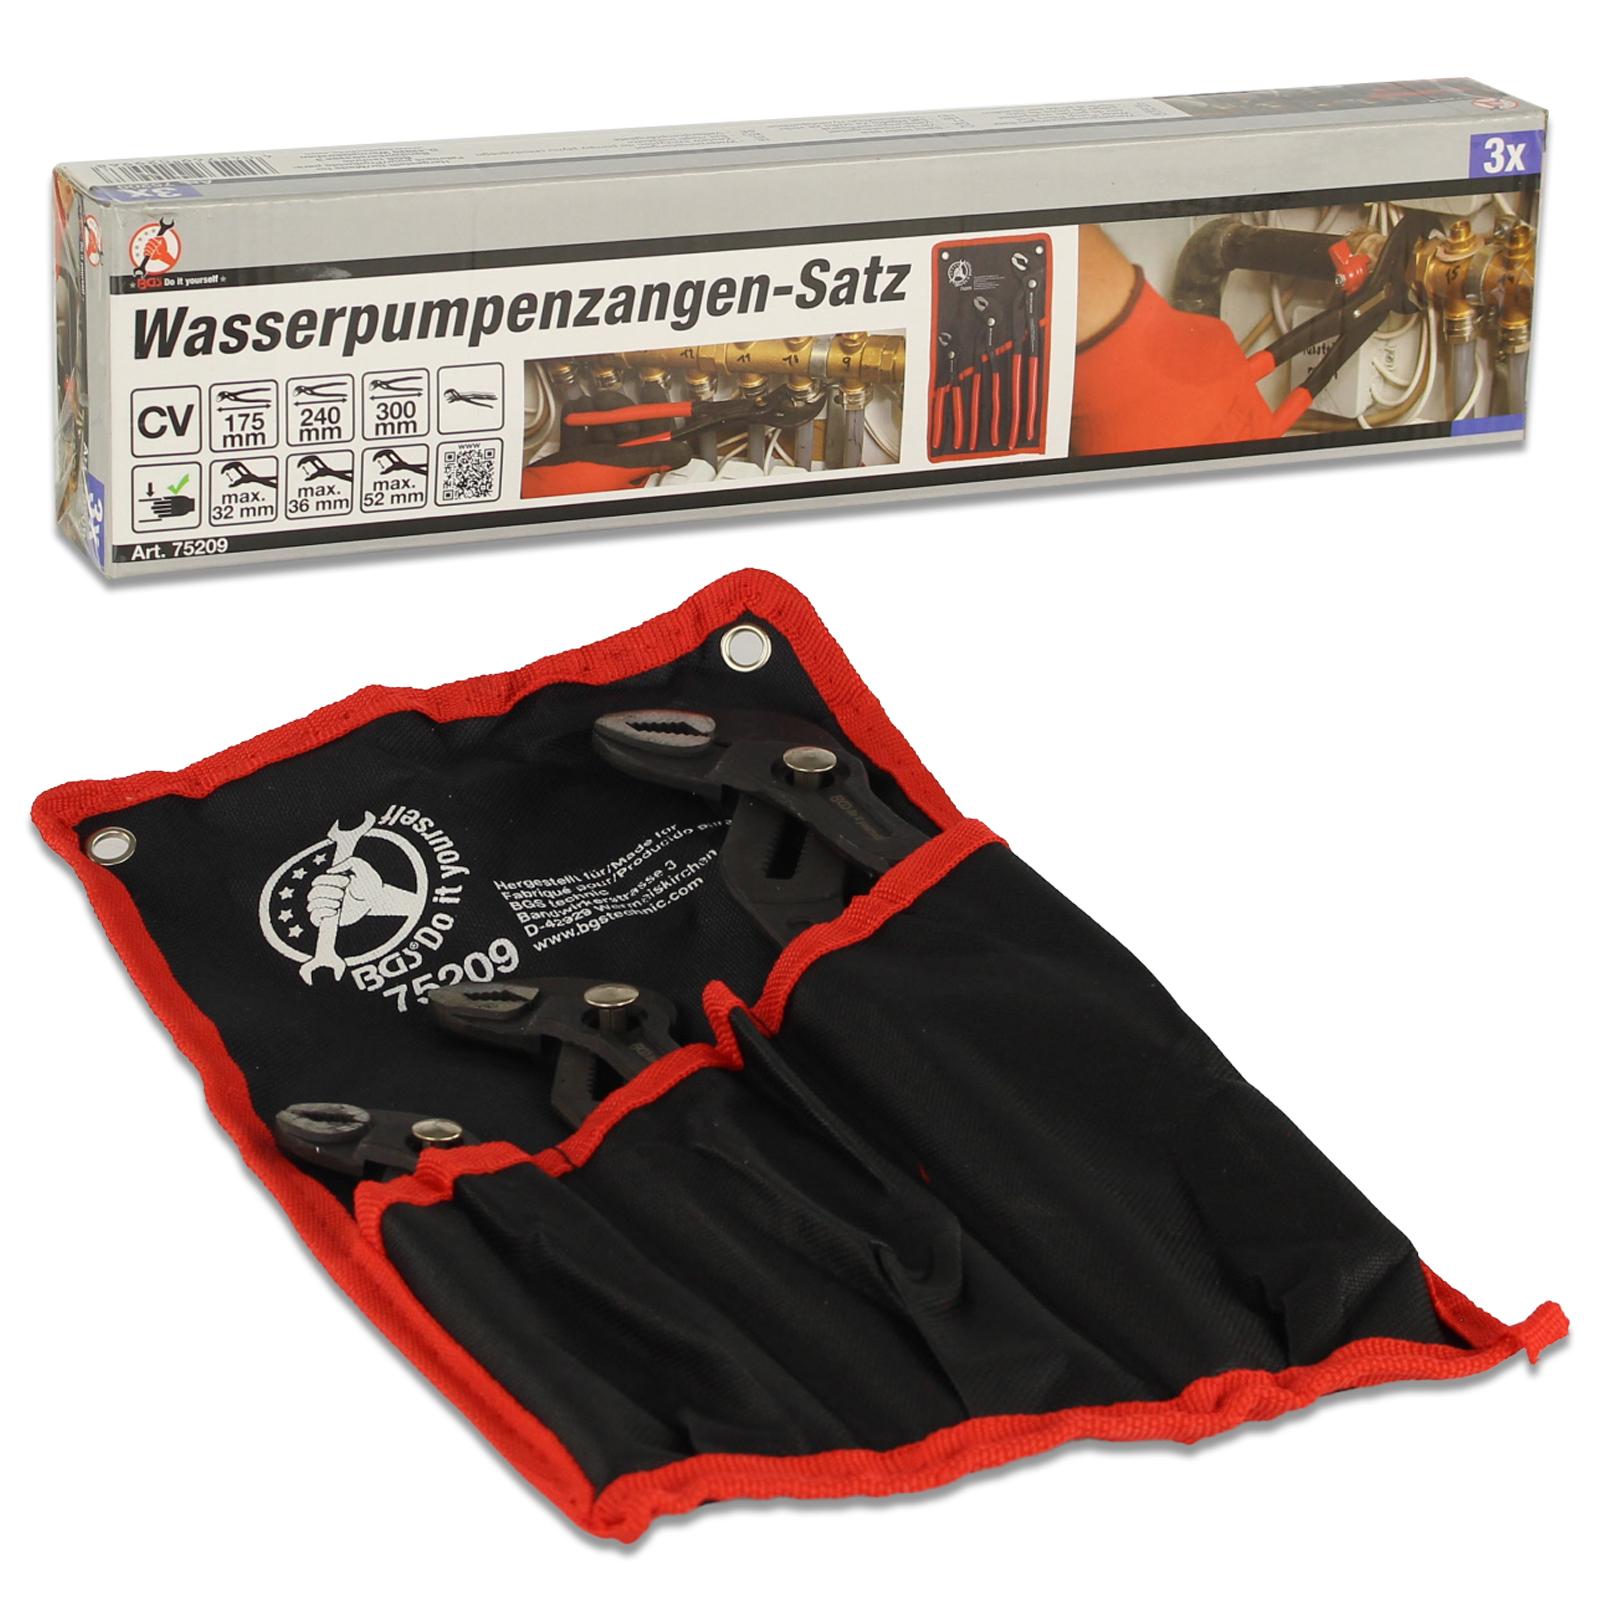 Wasserpumpenzangen-Satz | 175 / 240 / 300 mm | 3-tlg.